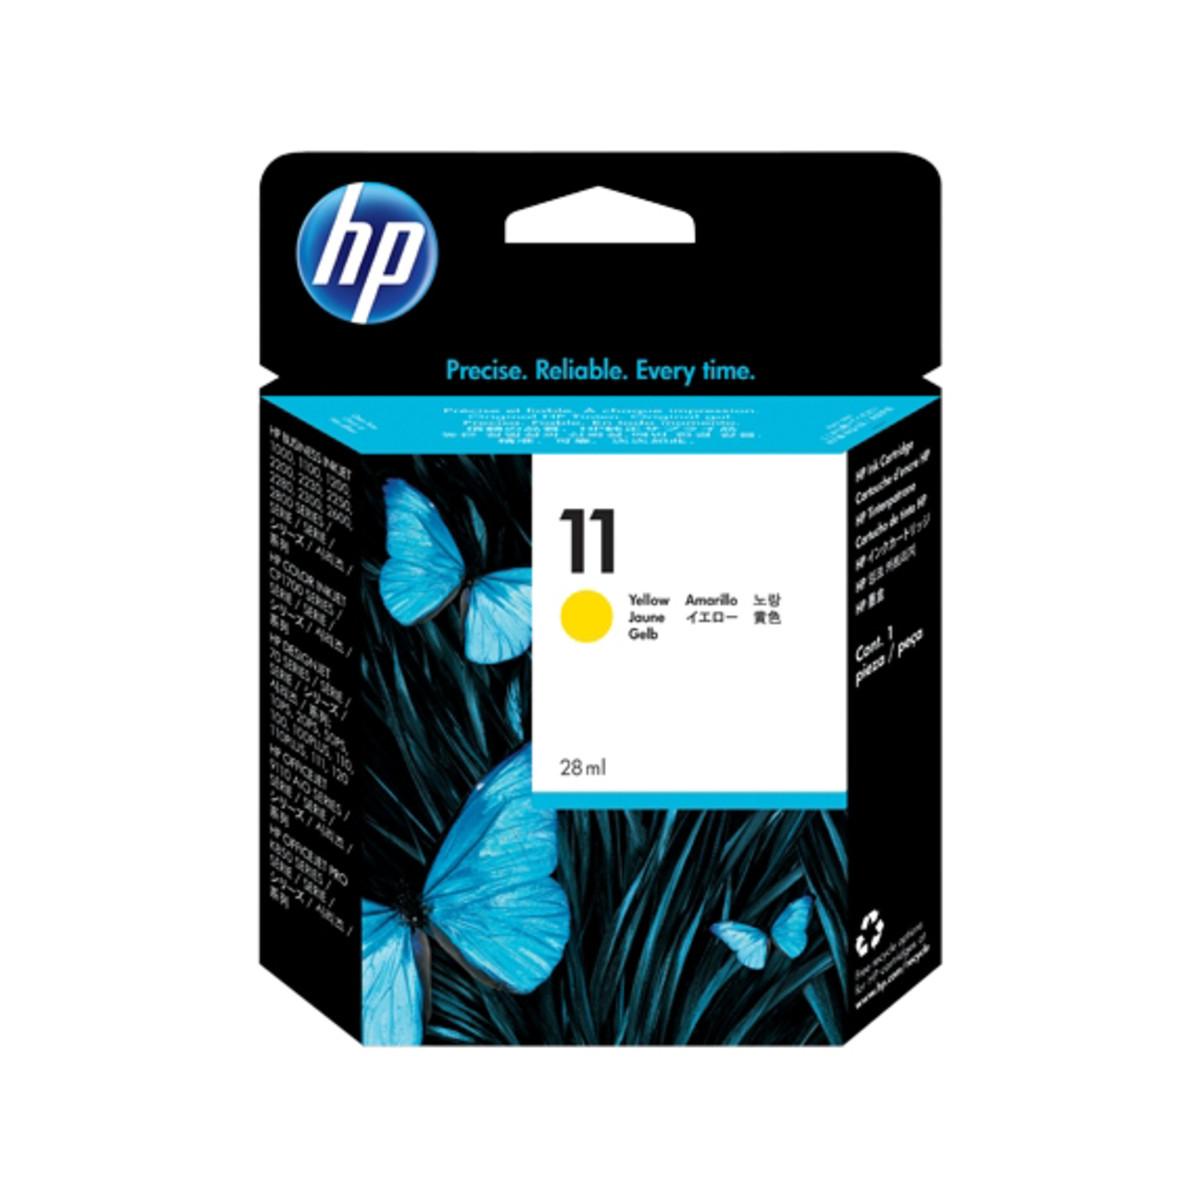 HP 11 (C4838AA) Yellow Ink Cartridge